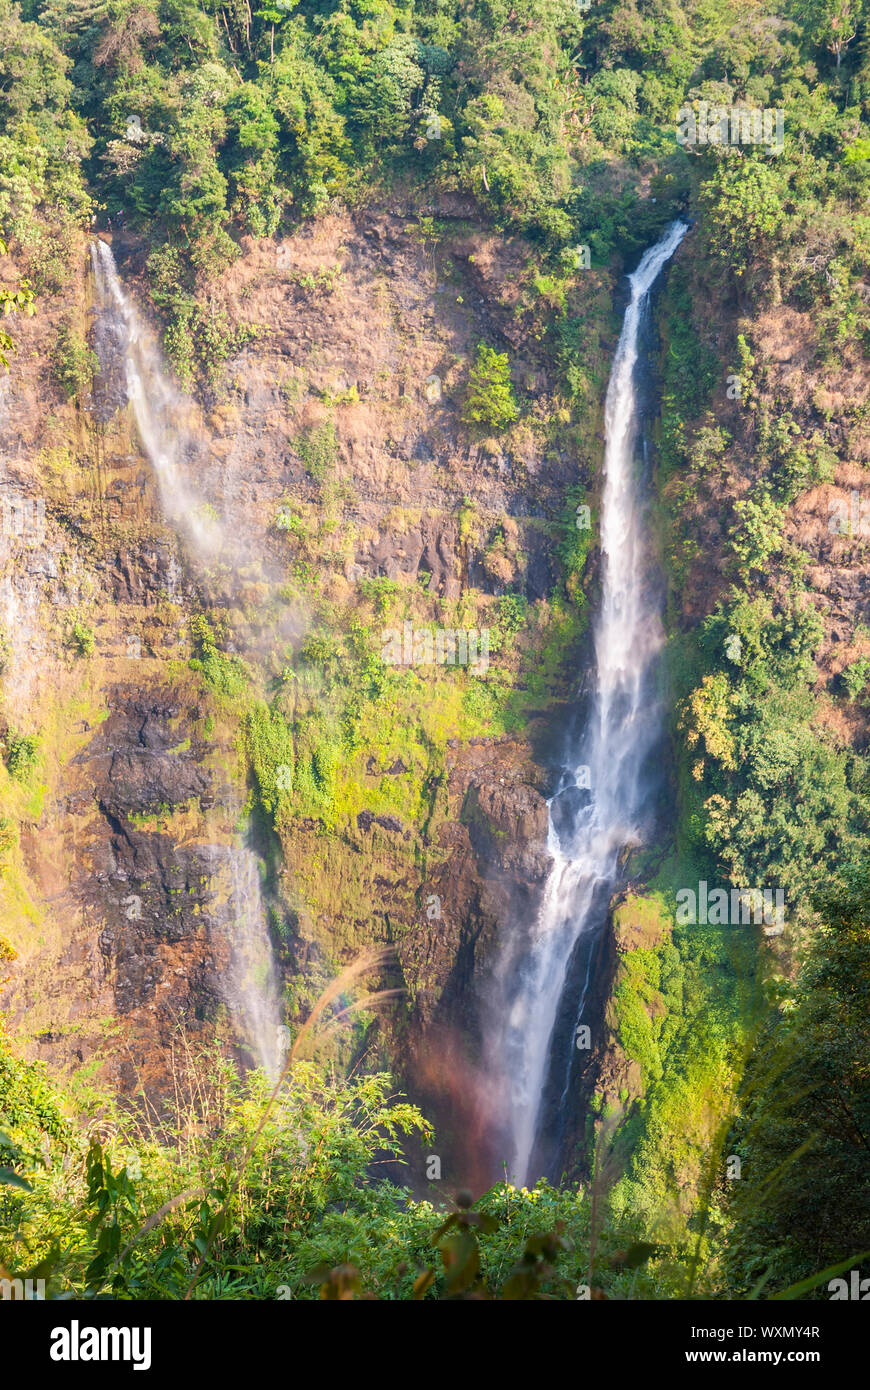 Incredibile Tad Fane cascata dal di sopra, Paksong, Laos Foto Stock